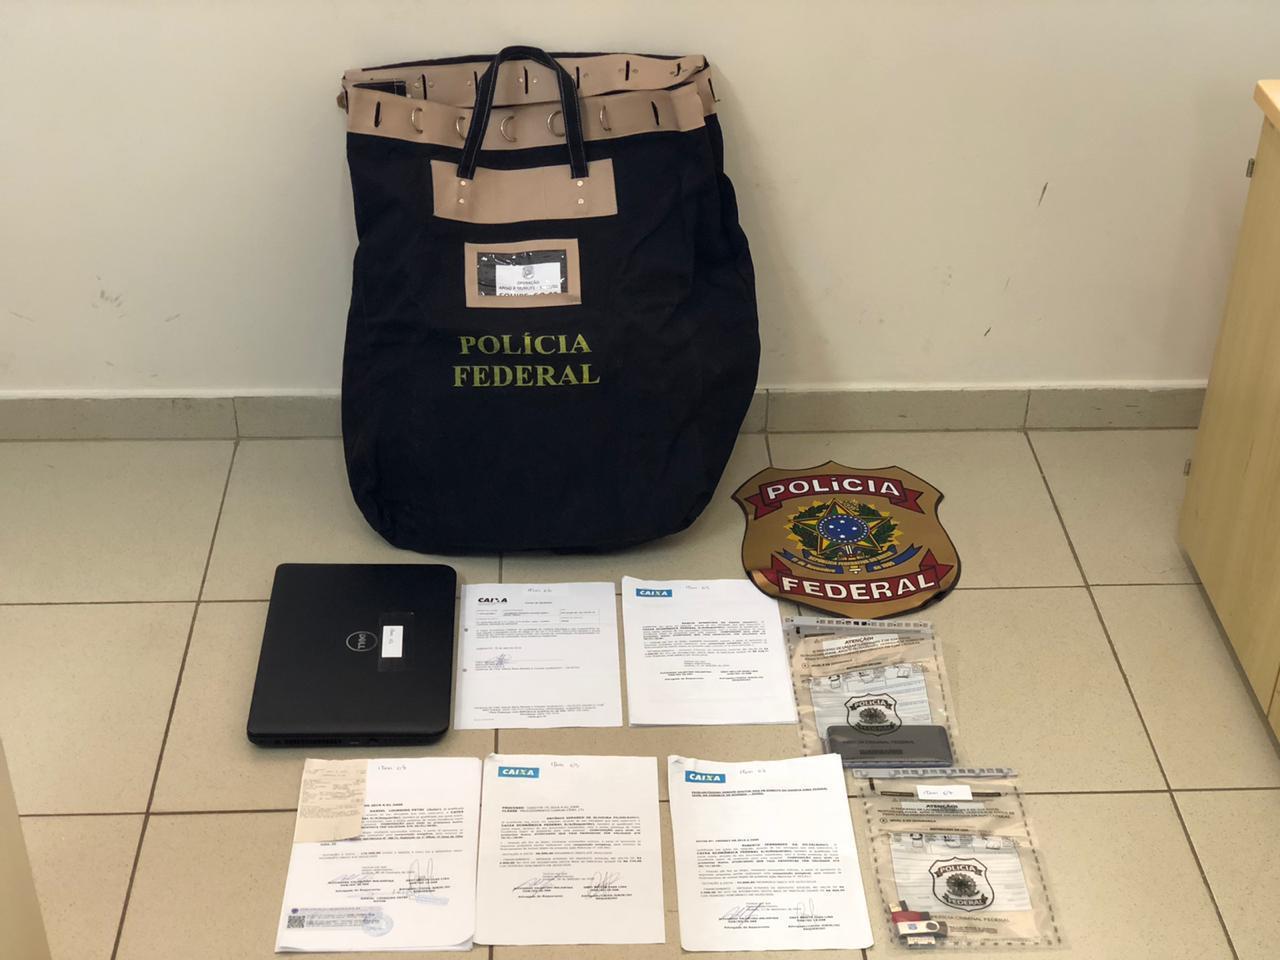 Documentos falsos apreendidos pela PF durante o cumprimento dos mandos de busca e apreensão. Foto: Divulgação/Polícia Federal